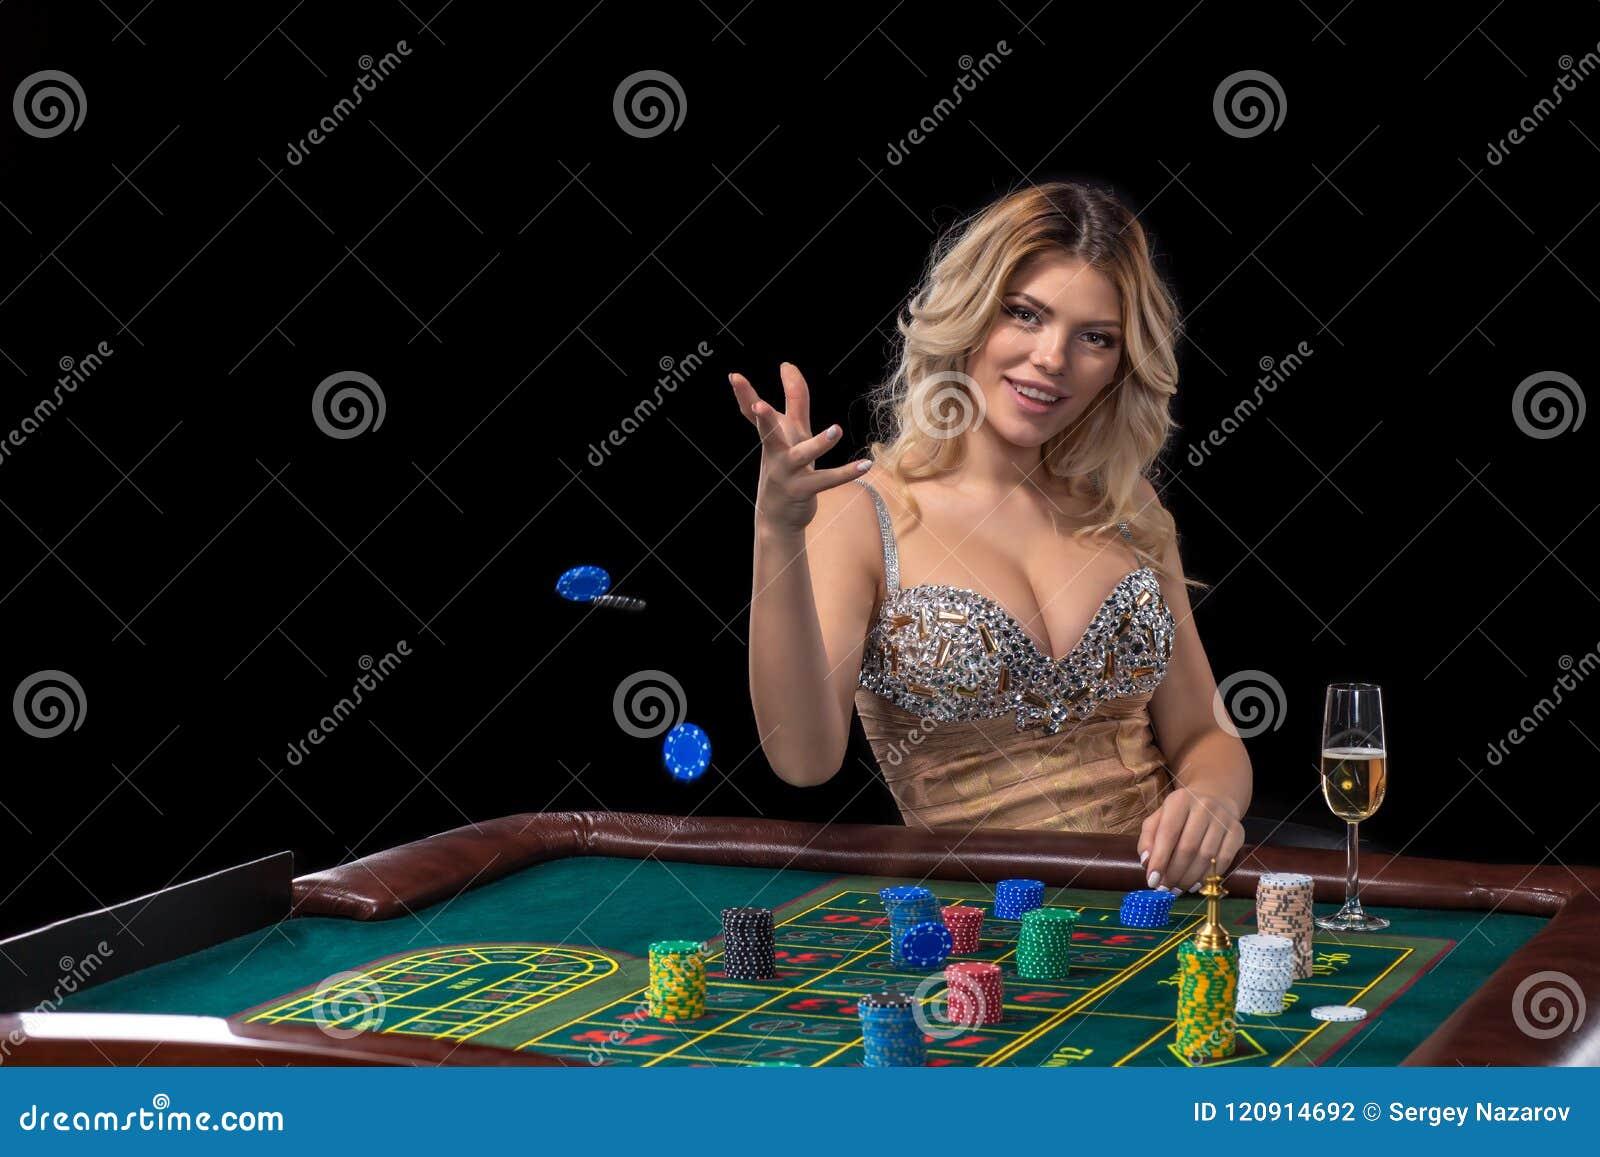 блондинка в казино